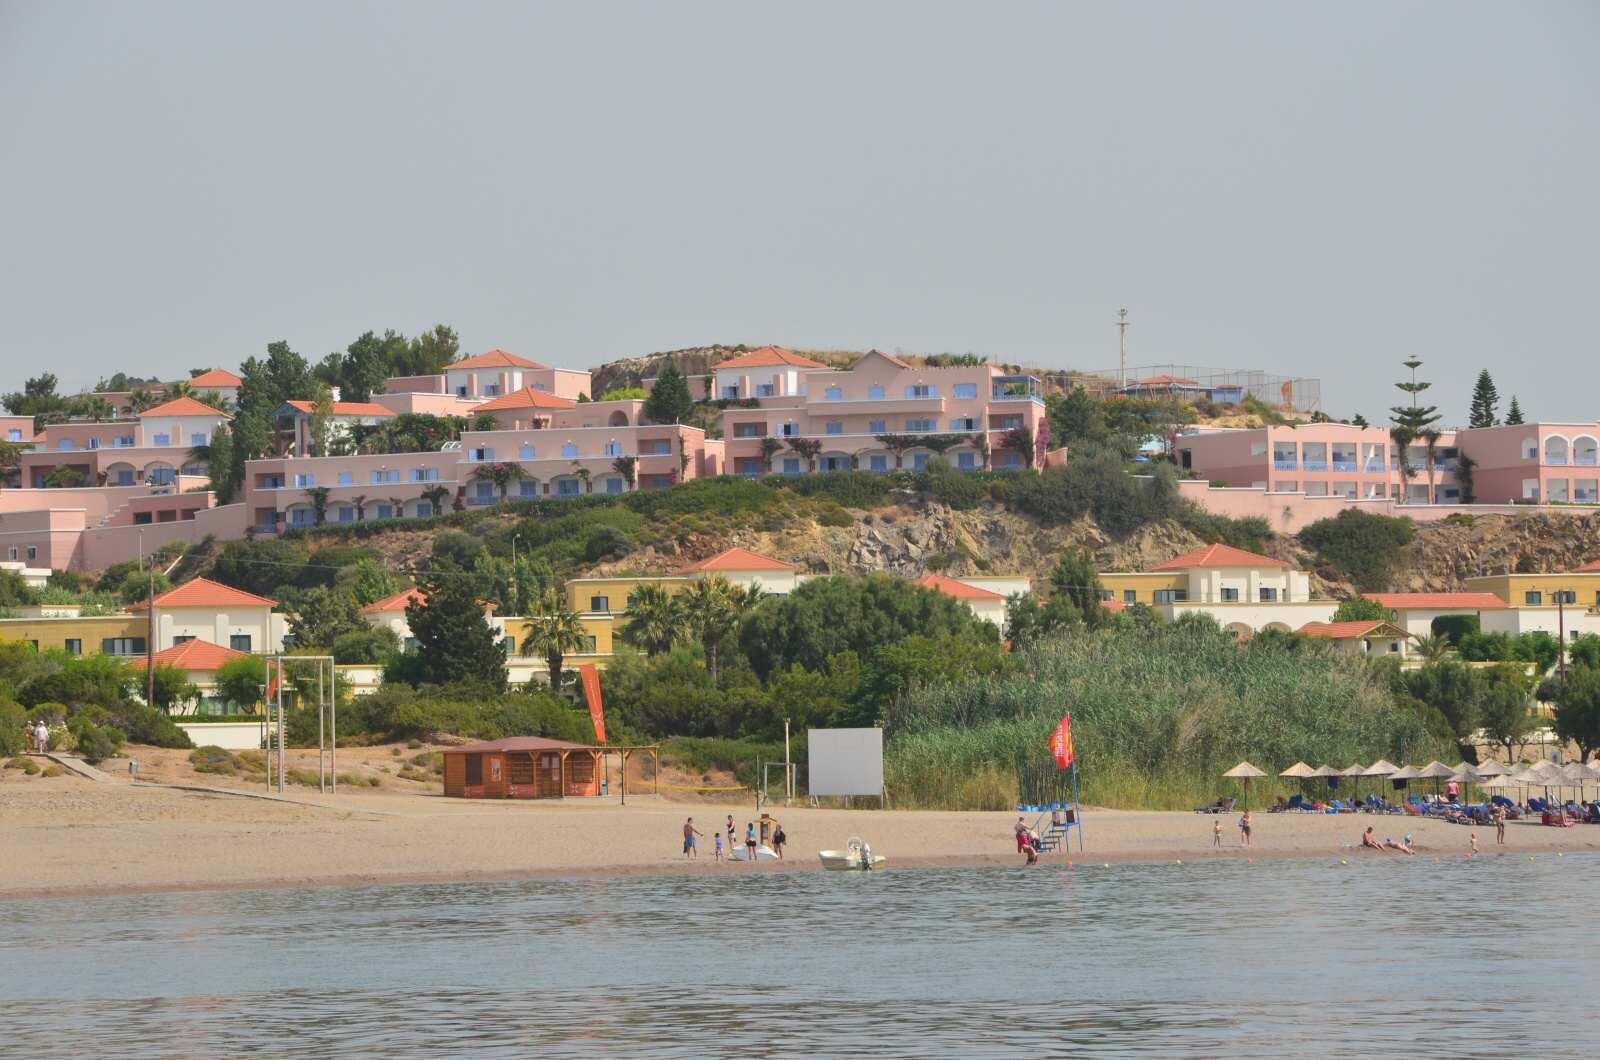 Pohled na hotel Mitsis Rodos Village od moře – je vidět že hotel se rozkládá na poměrně velké ploše.